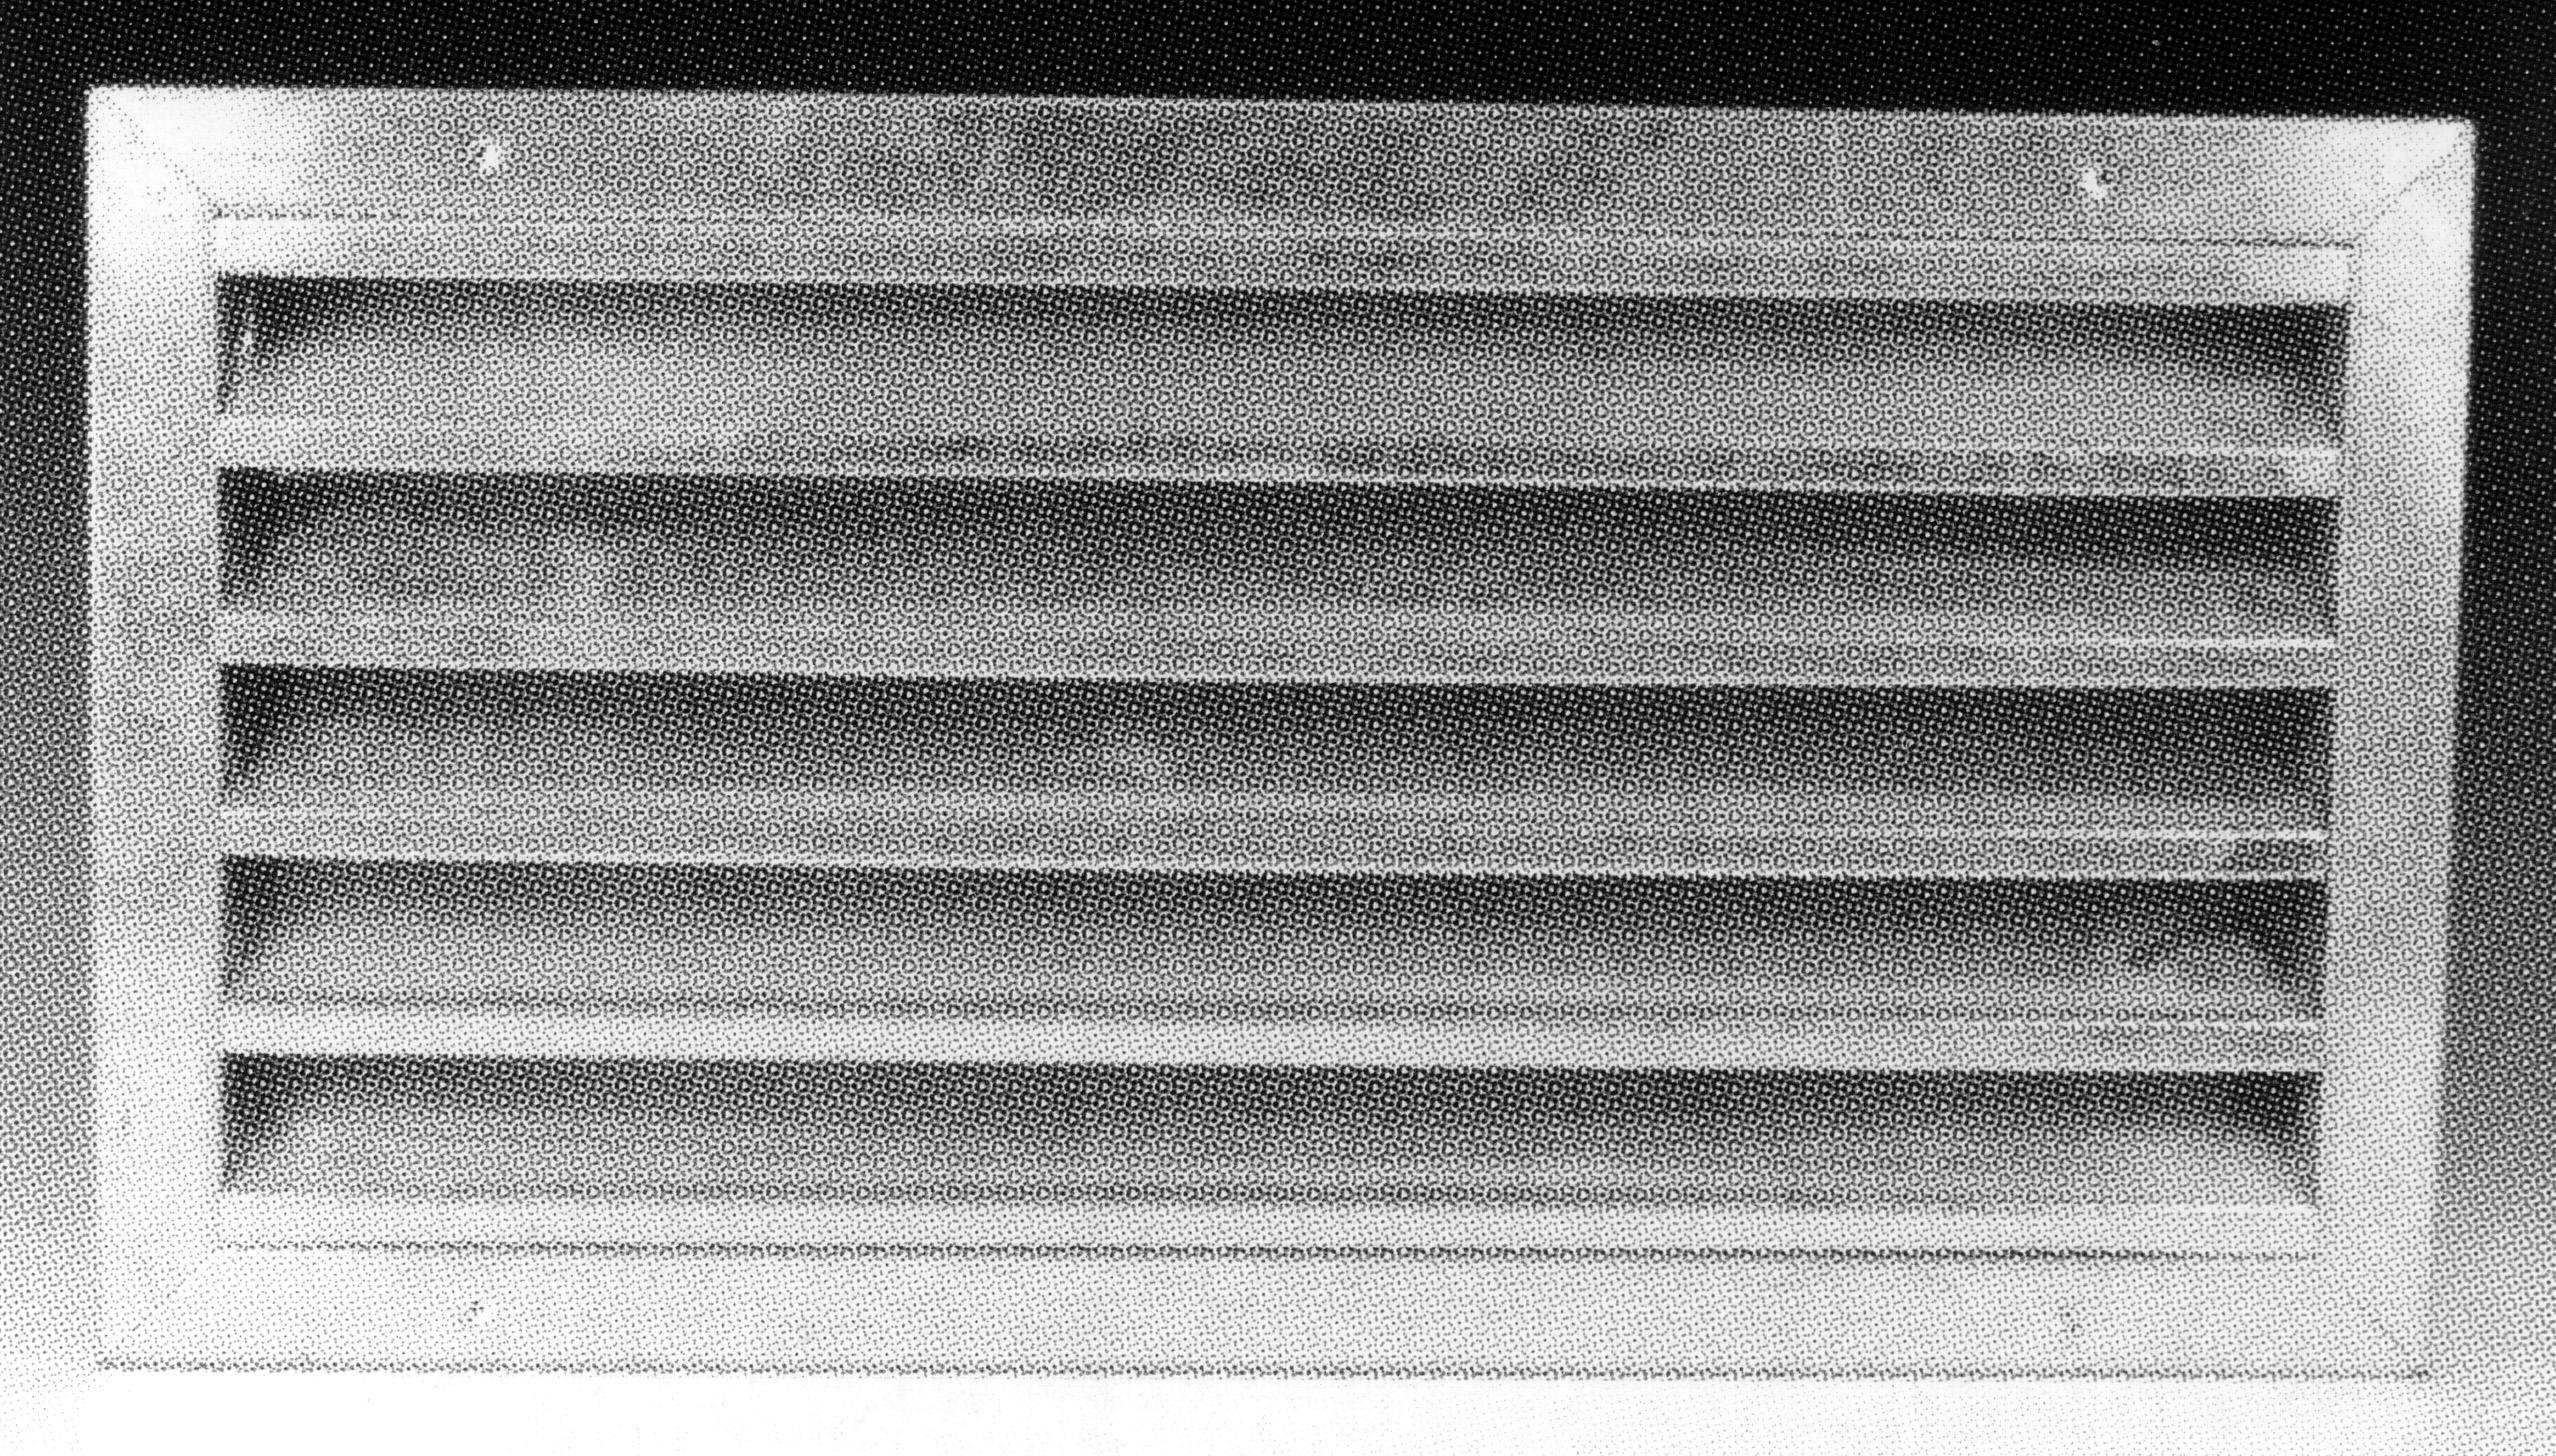 Griglia presa aria esterna in acciaio zincato con rete passo 50 dimensione 1000x1500 mm